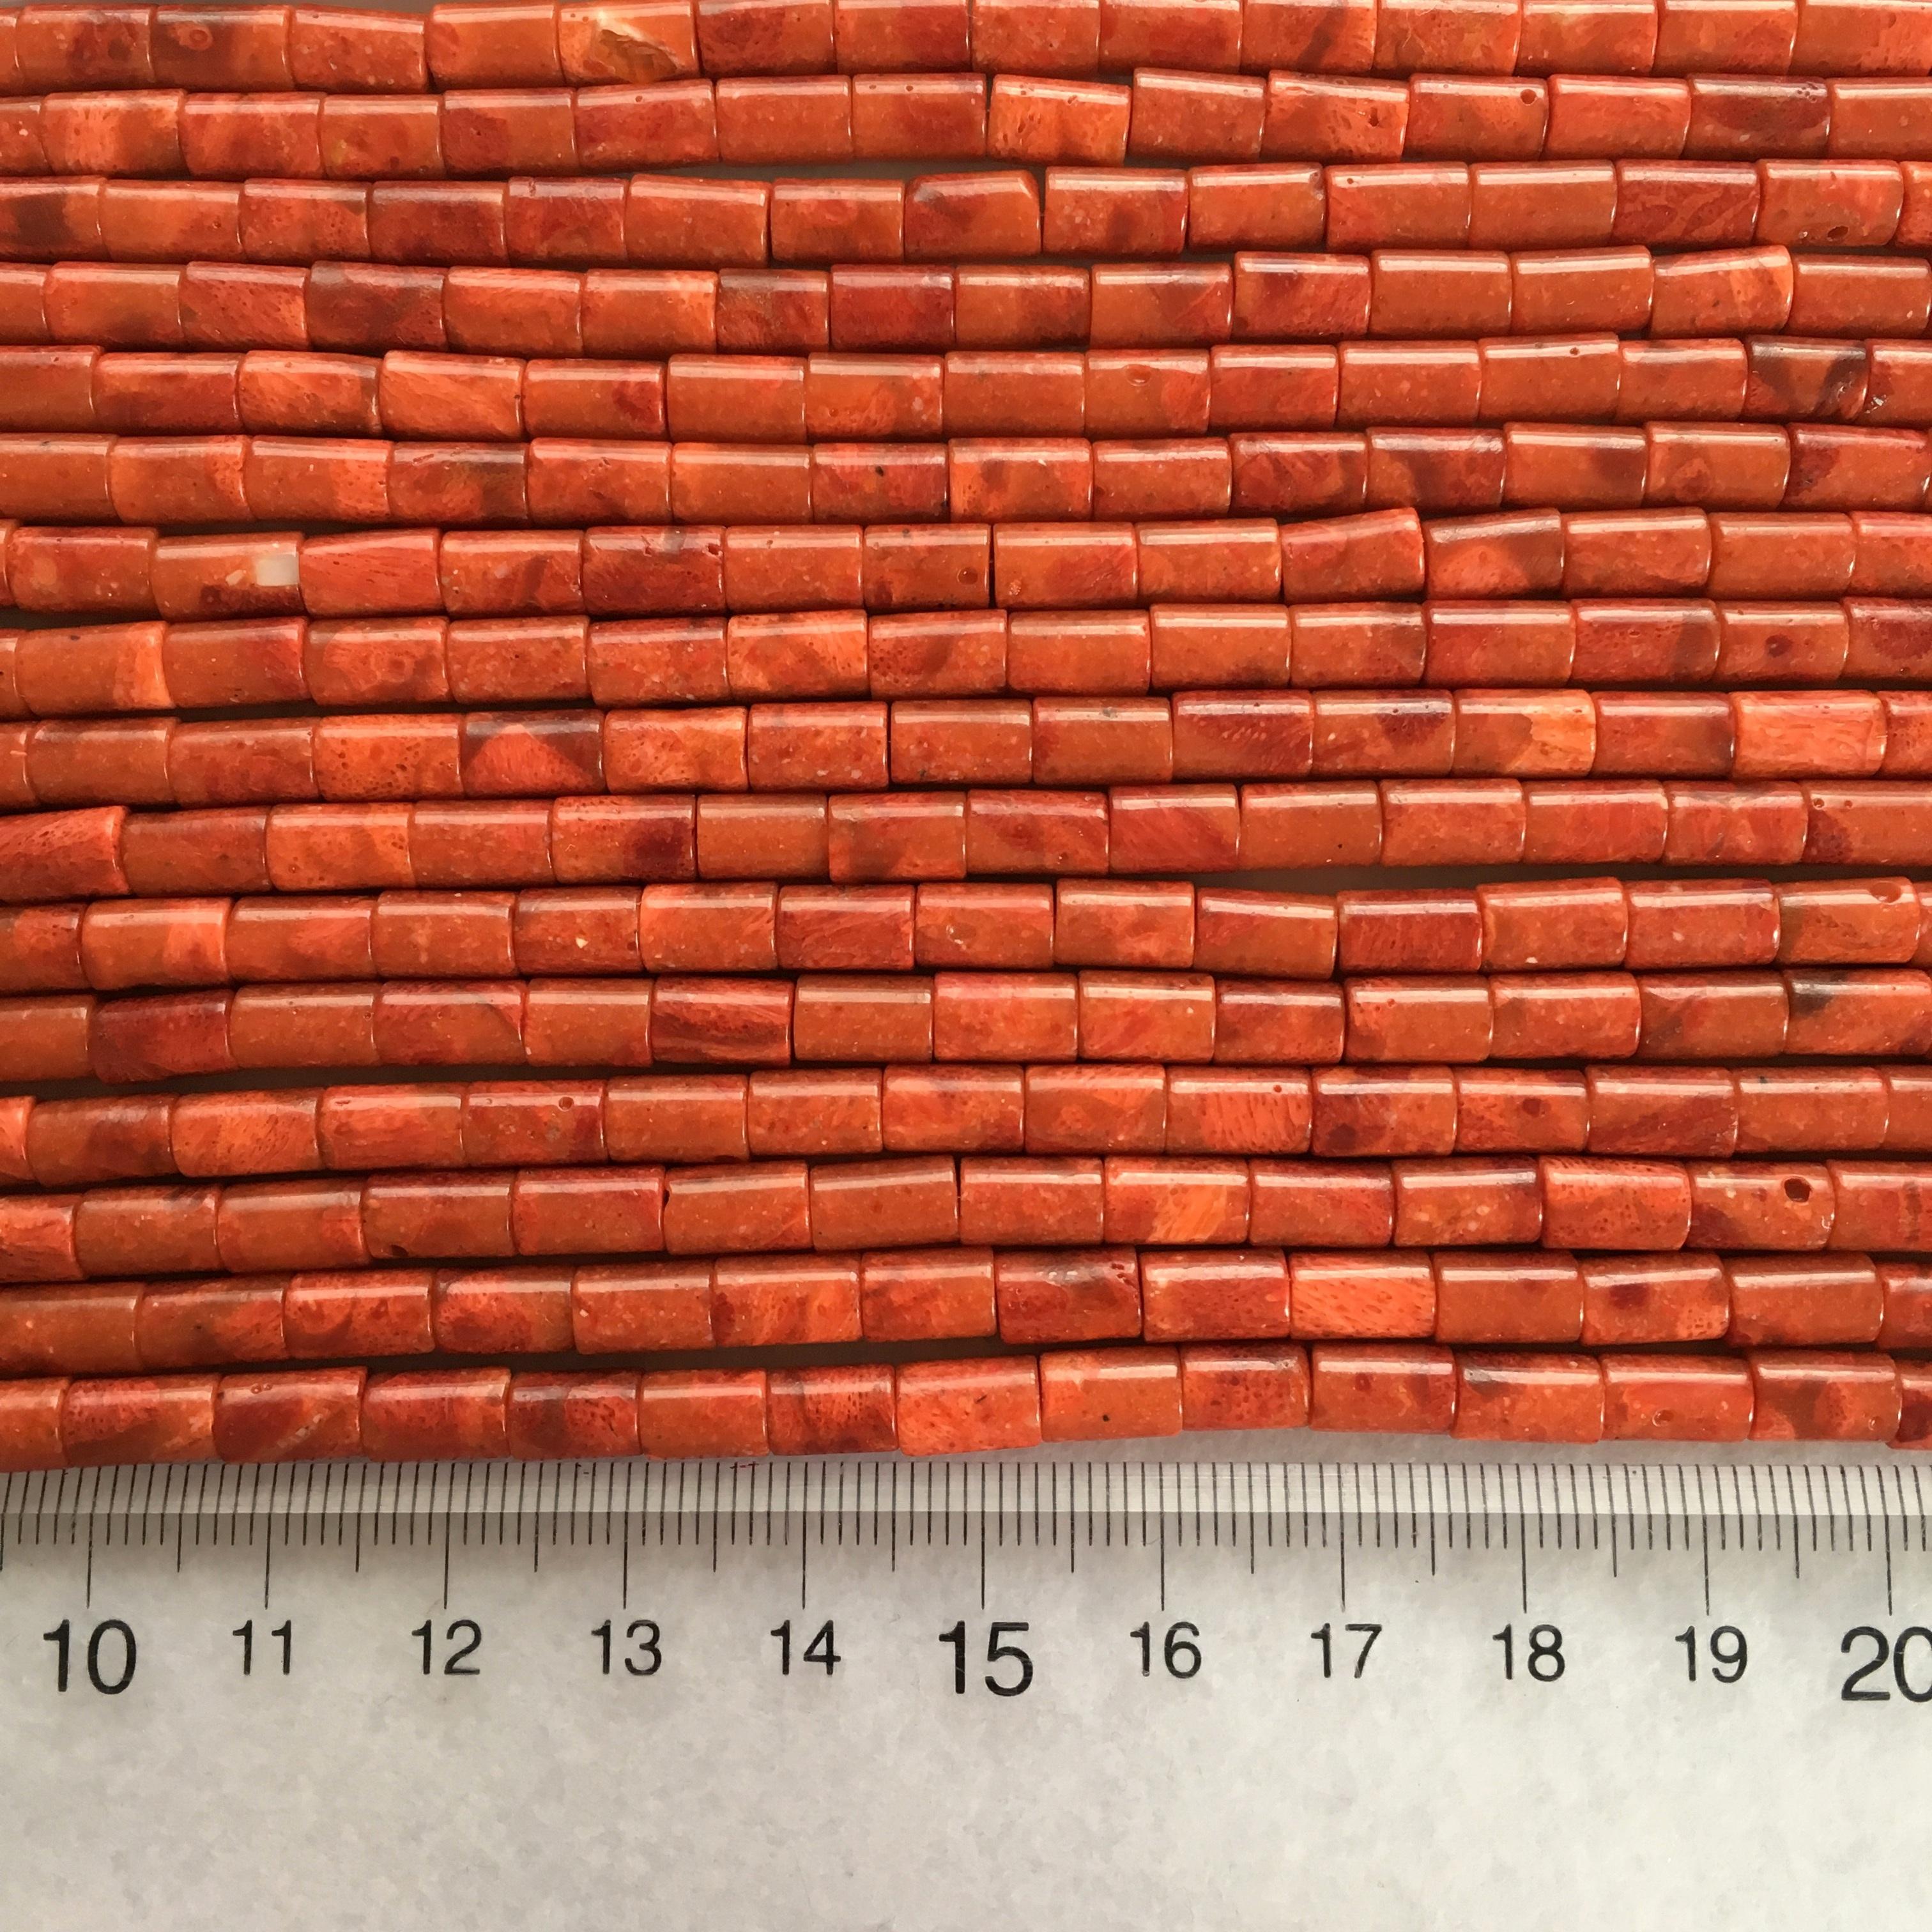 スポンジサンゴ チューブ型 約8x5mm 連材【190166】